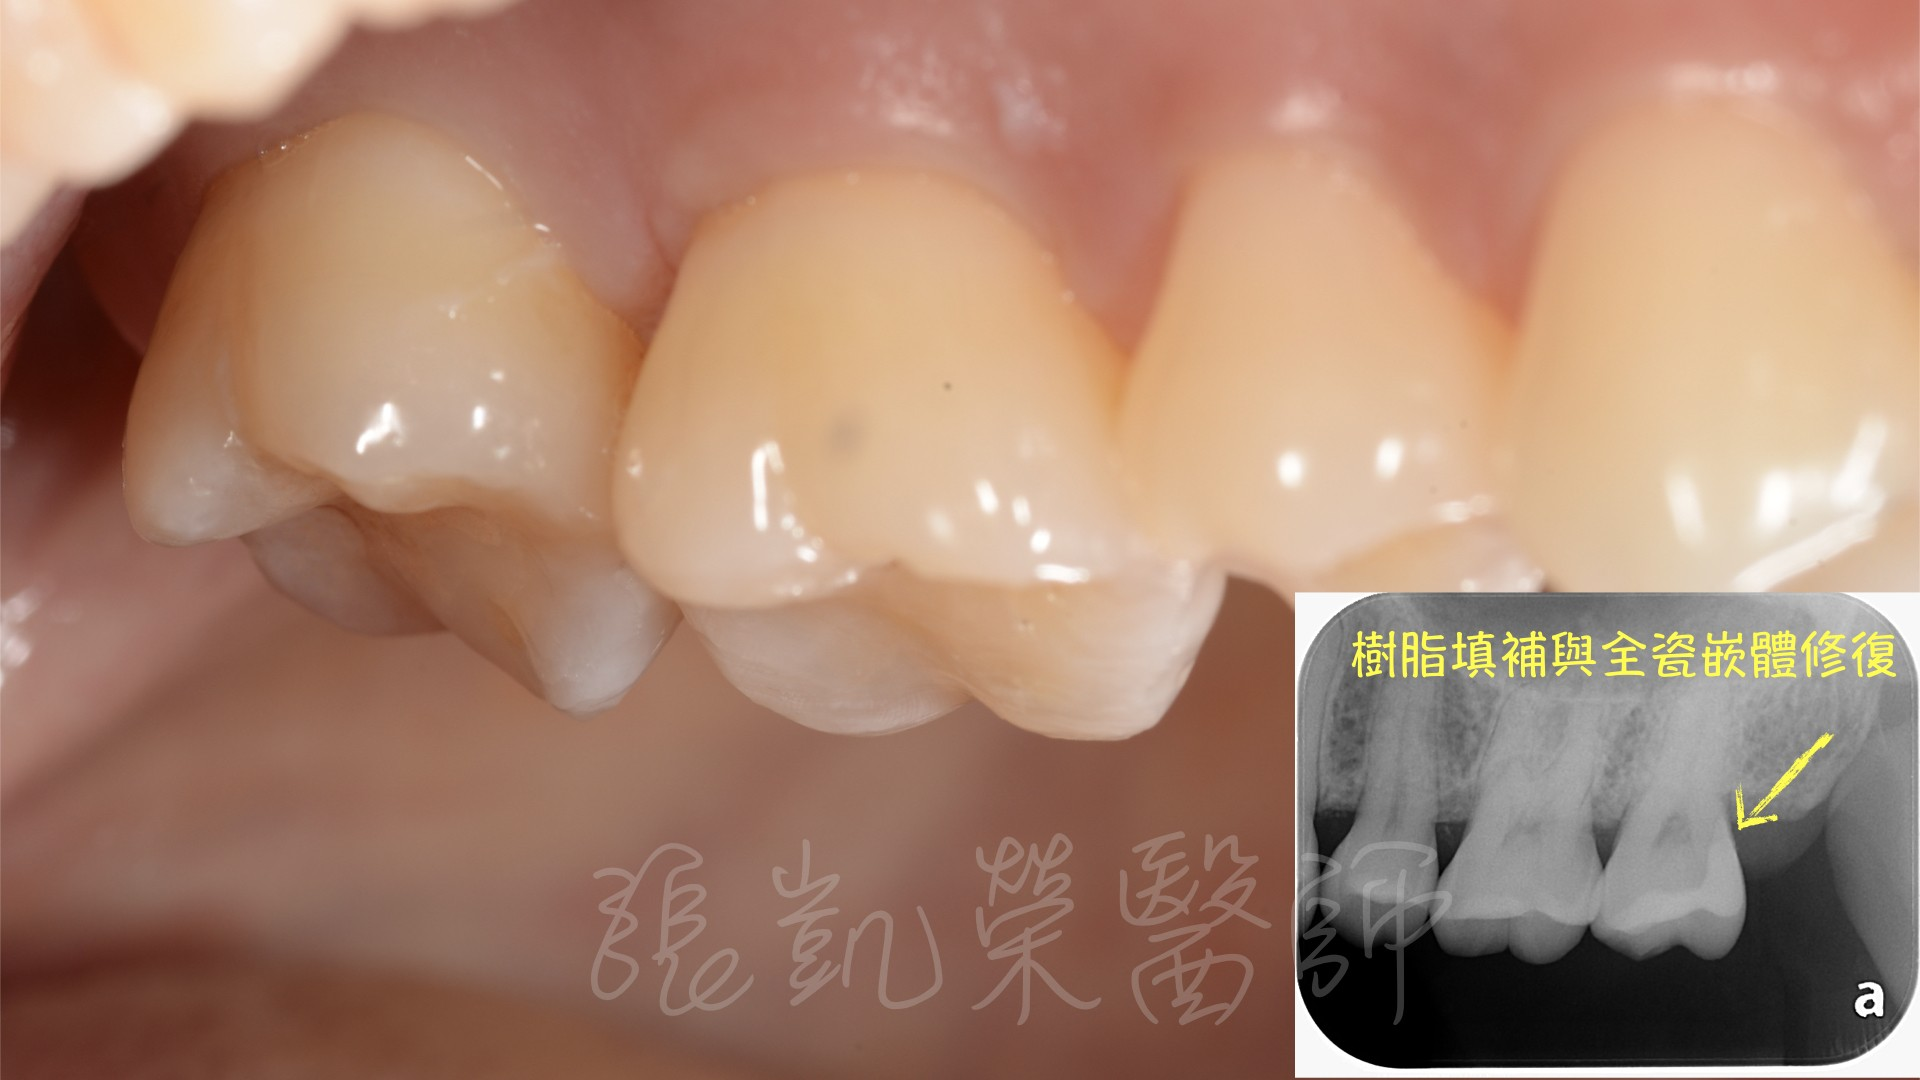 智齒周圍食物阻塞,不易清潔,造成大臼齒後方深部蛀牙,利用樹脂全瓷嵌體修復。